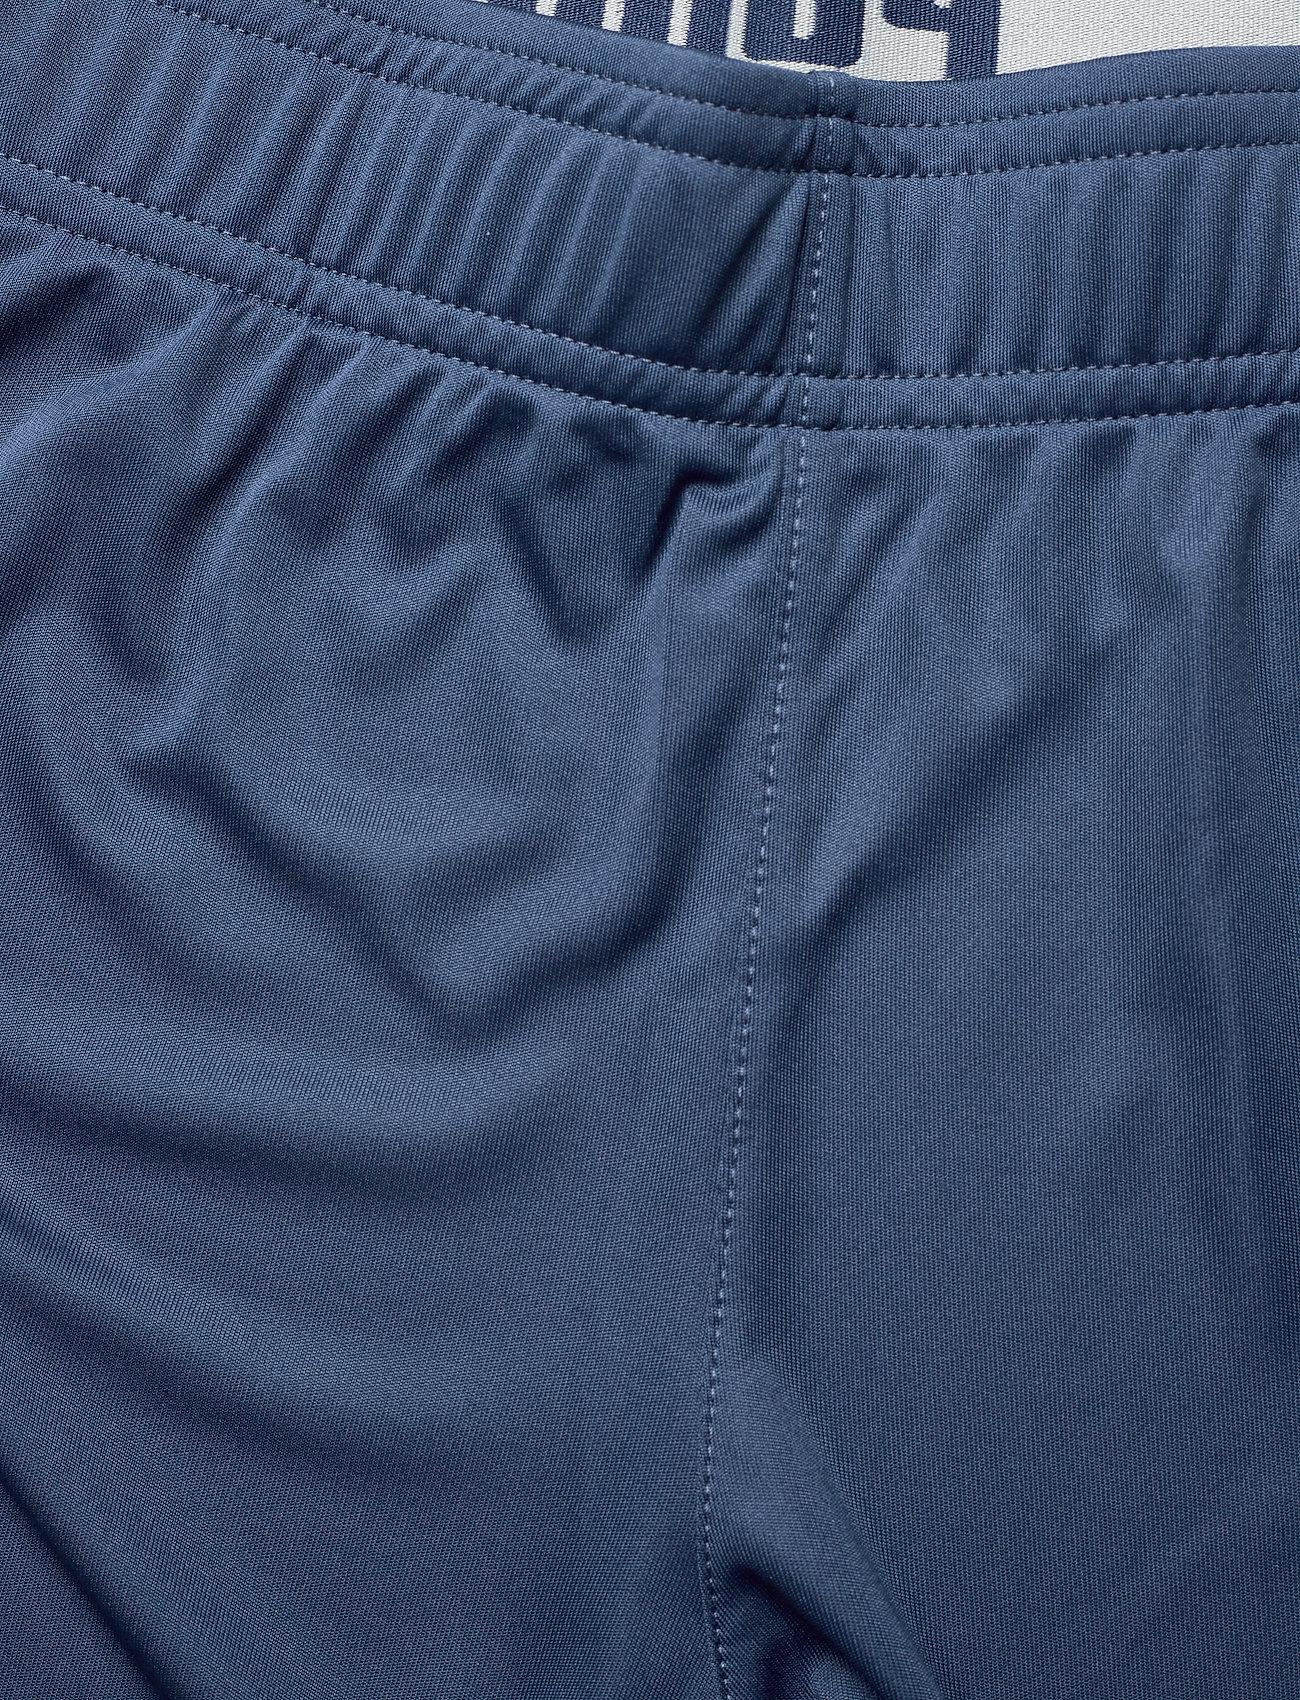 Puma Ftblnxt Shorts W - Dark Denim-mist Green